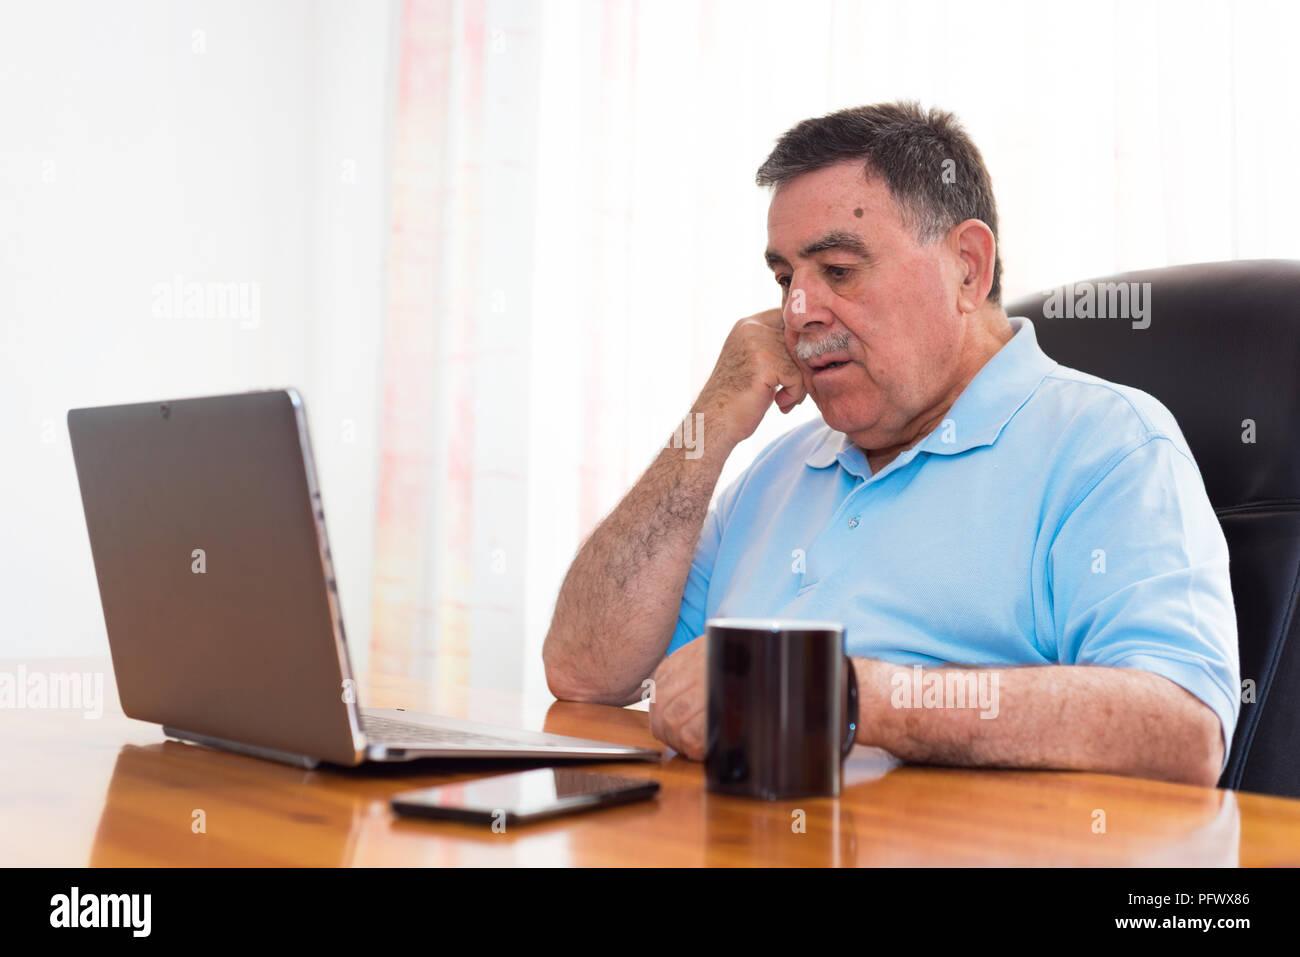 Älterer Mann mit Laptop , Ausdruck. E-Learning - Konzept. Stockbild